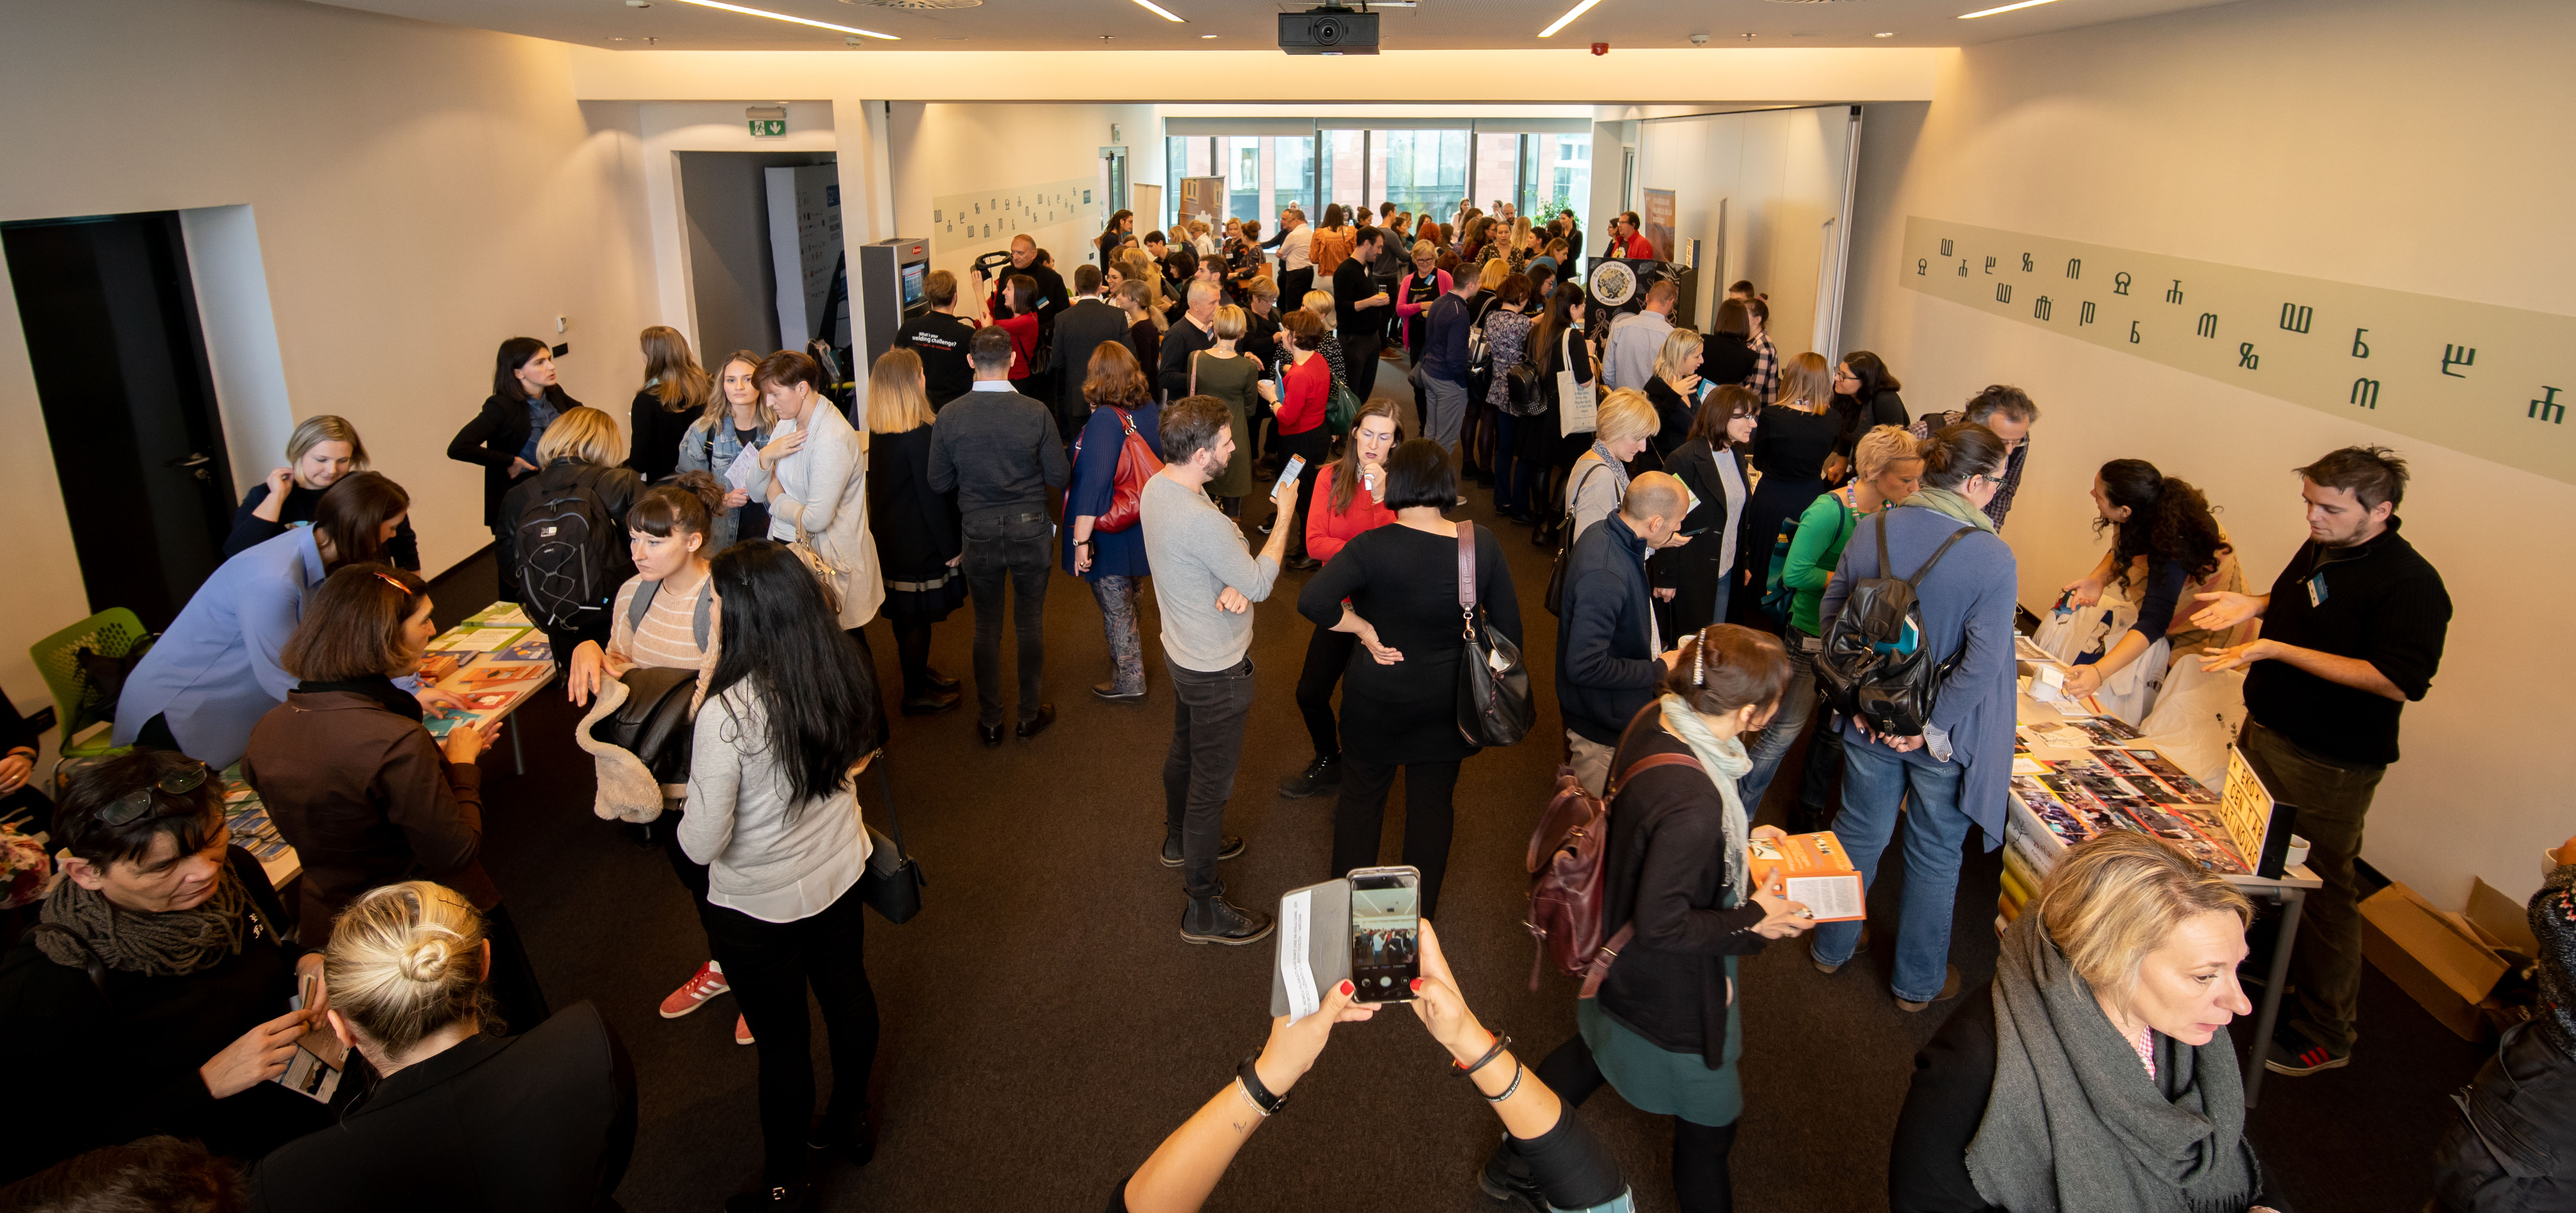 Dvjestotinjak sudionika inspiriralo se za sudjelovanje u programima Erasmus+ i Europske snage solidarnosti - Slika 3